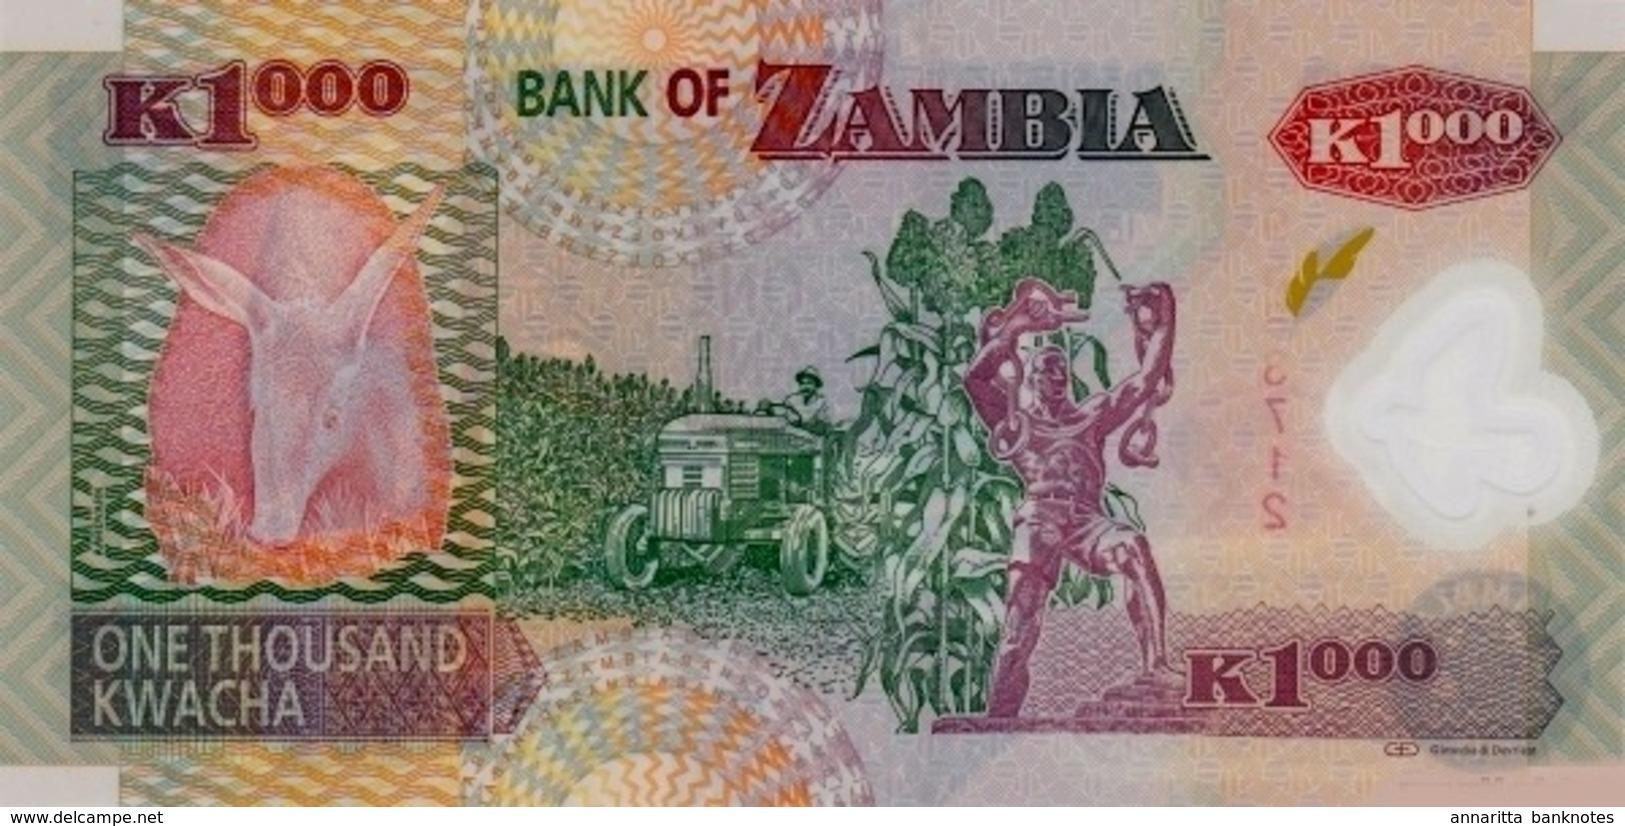 ZAMBIA 1000 KWACHA 2011 P-44h UNC [ZM146h] - Zambia